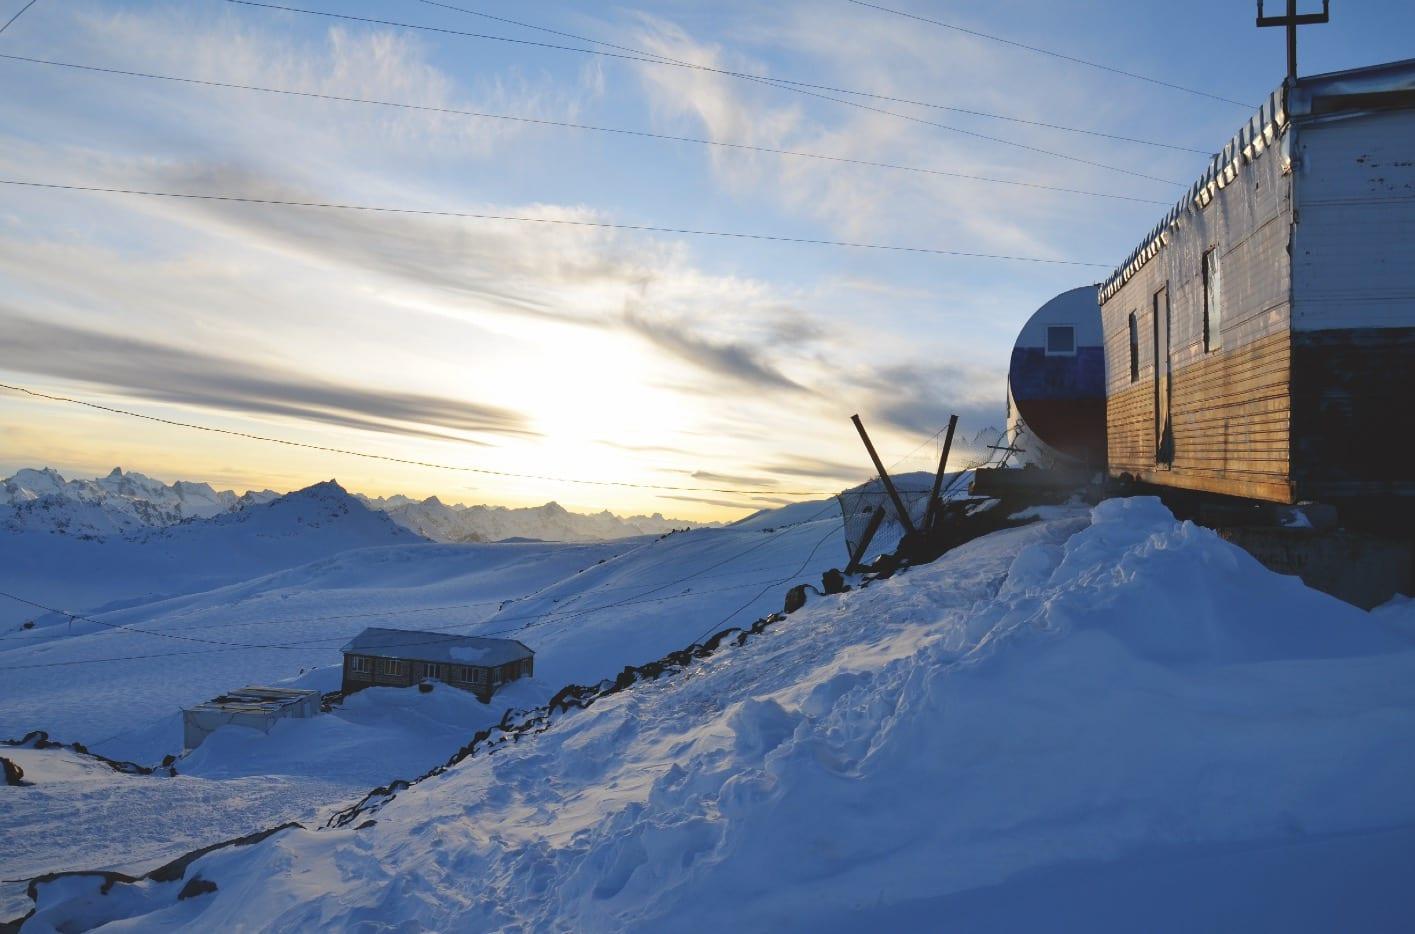 Usikker solnedgang: Kvelden før toppen er spenningen stor. Har vi pakket riktig, hvor kaldt blir det, hvor mye mat skal vi ha med?